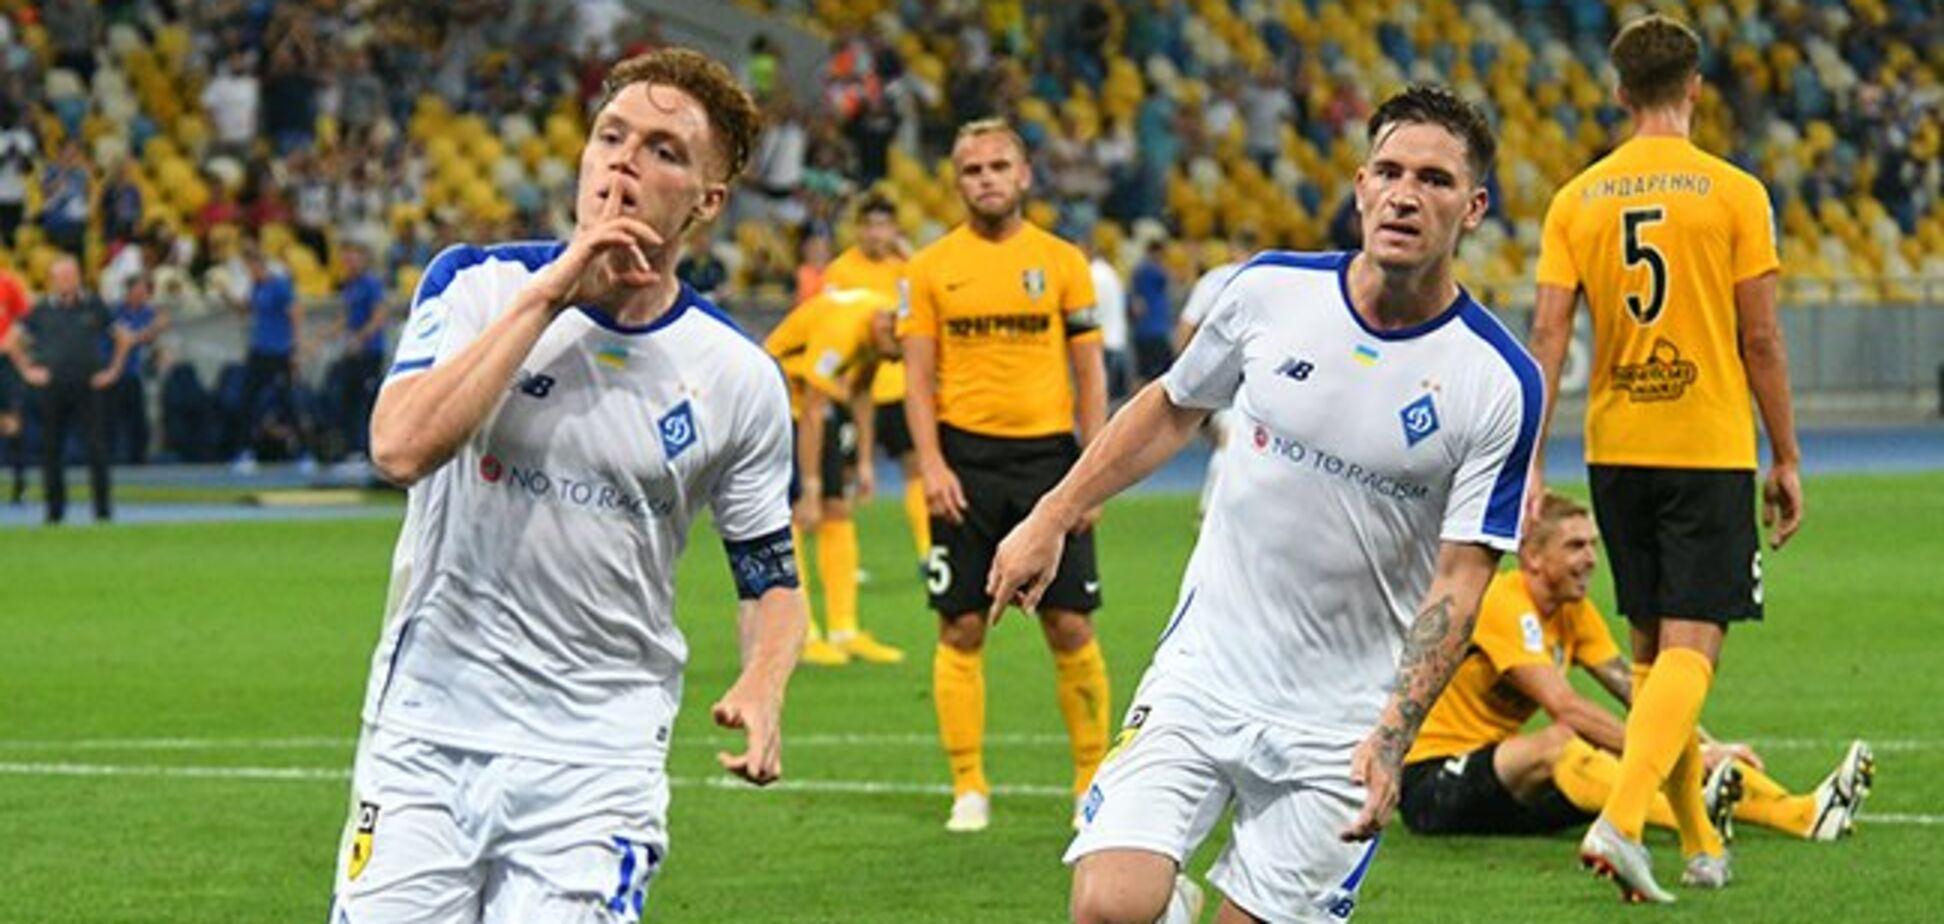 Аякс - Динамо: онлайн-трансляція матчу плей-офф Ліги чемпіонів